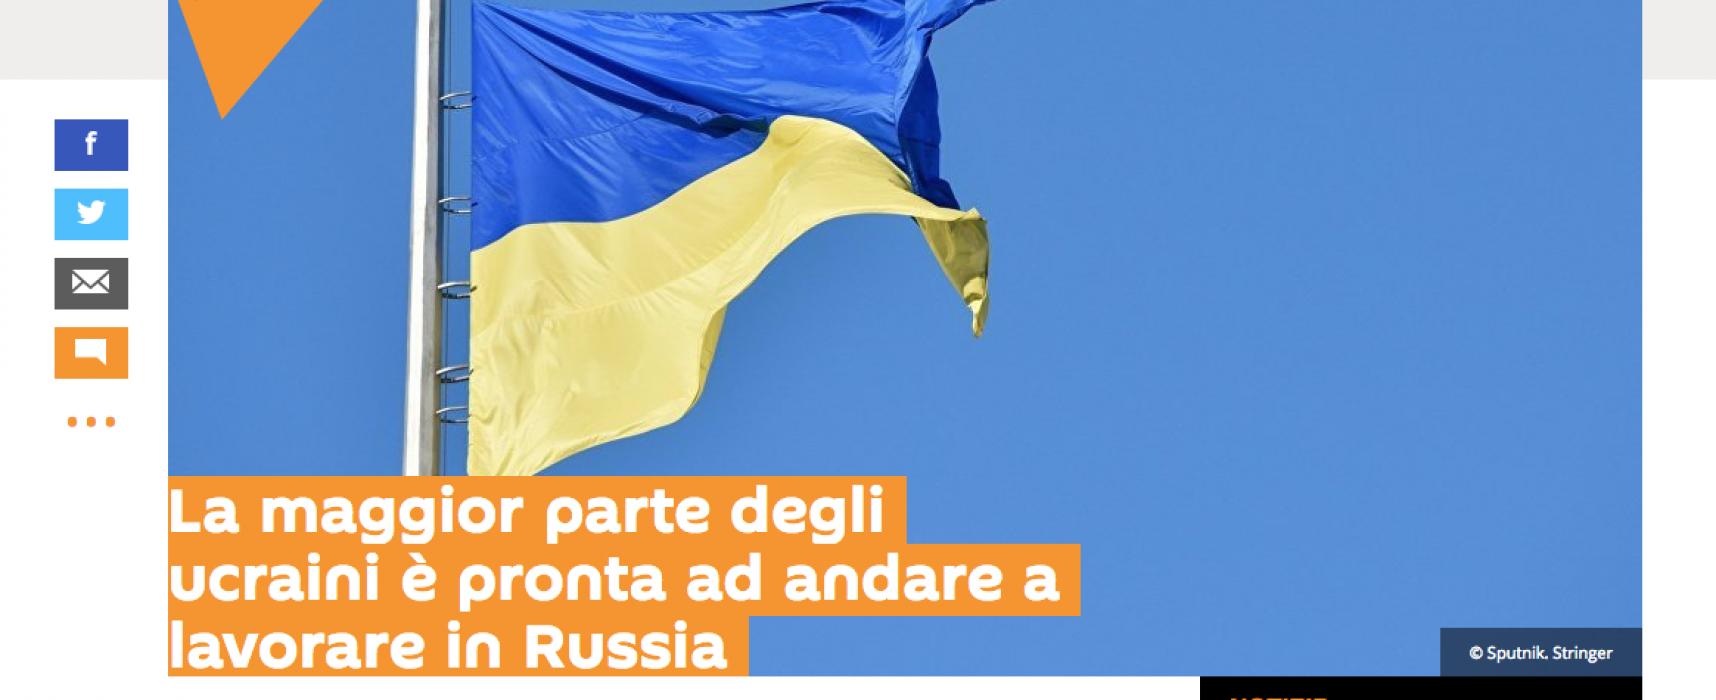 Fake : La maggior parte degli ucraini è pronta ad andare a lavorare in Russia